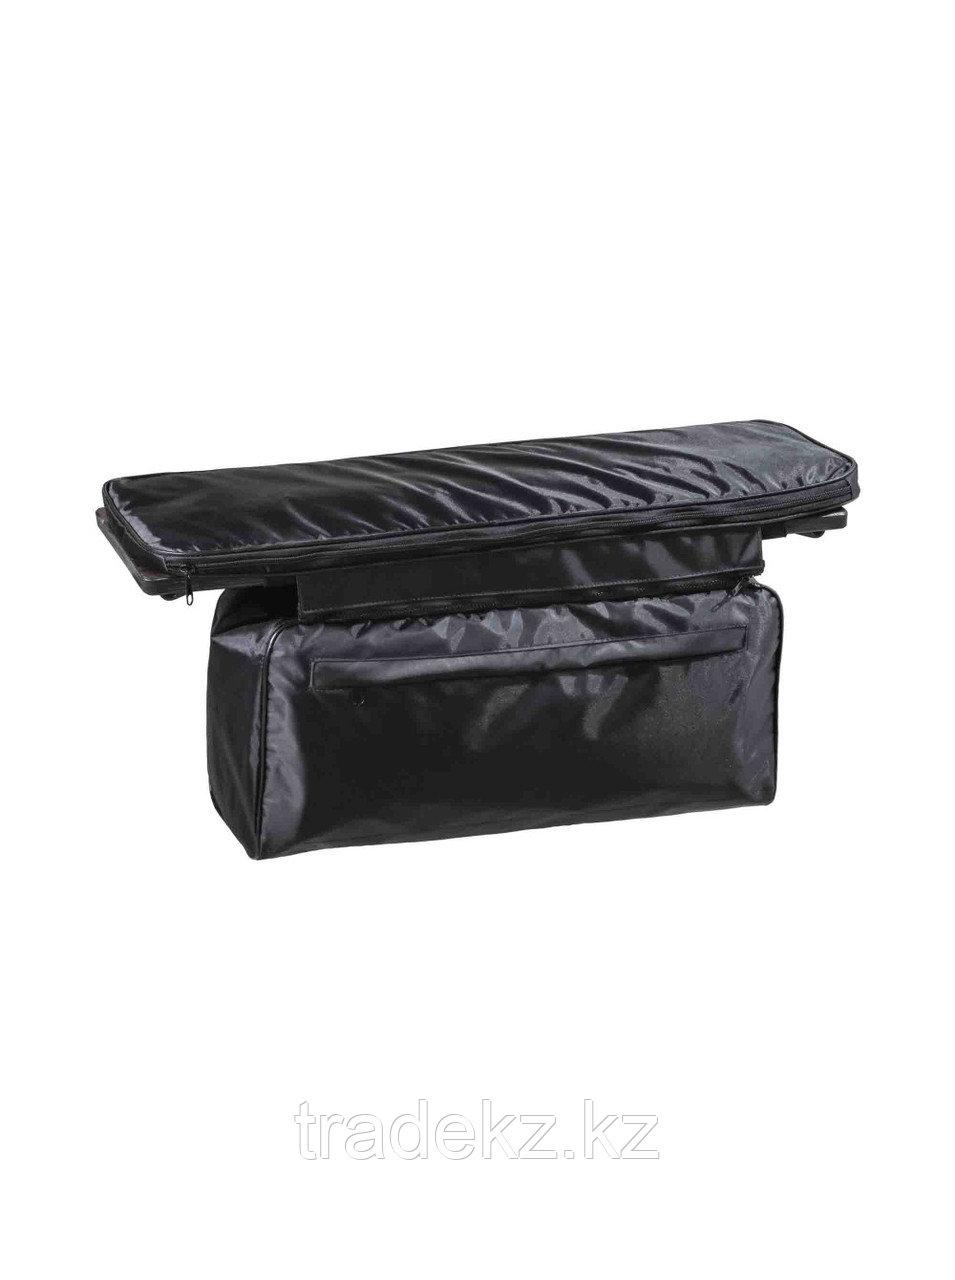 Комплект мягких накладок на сиденья лодки с сумкой, размер 70х20 см